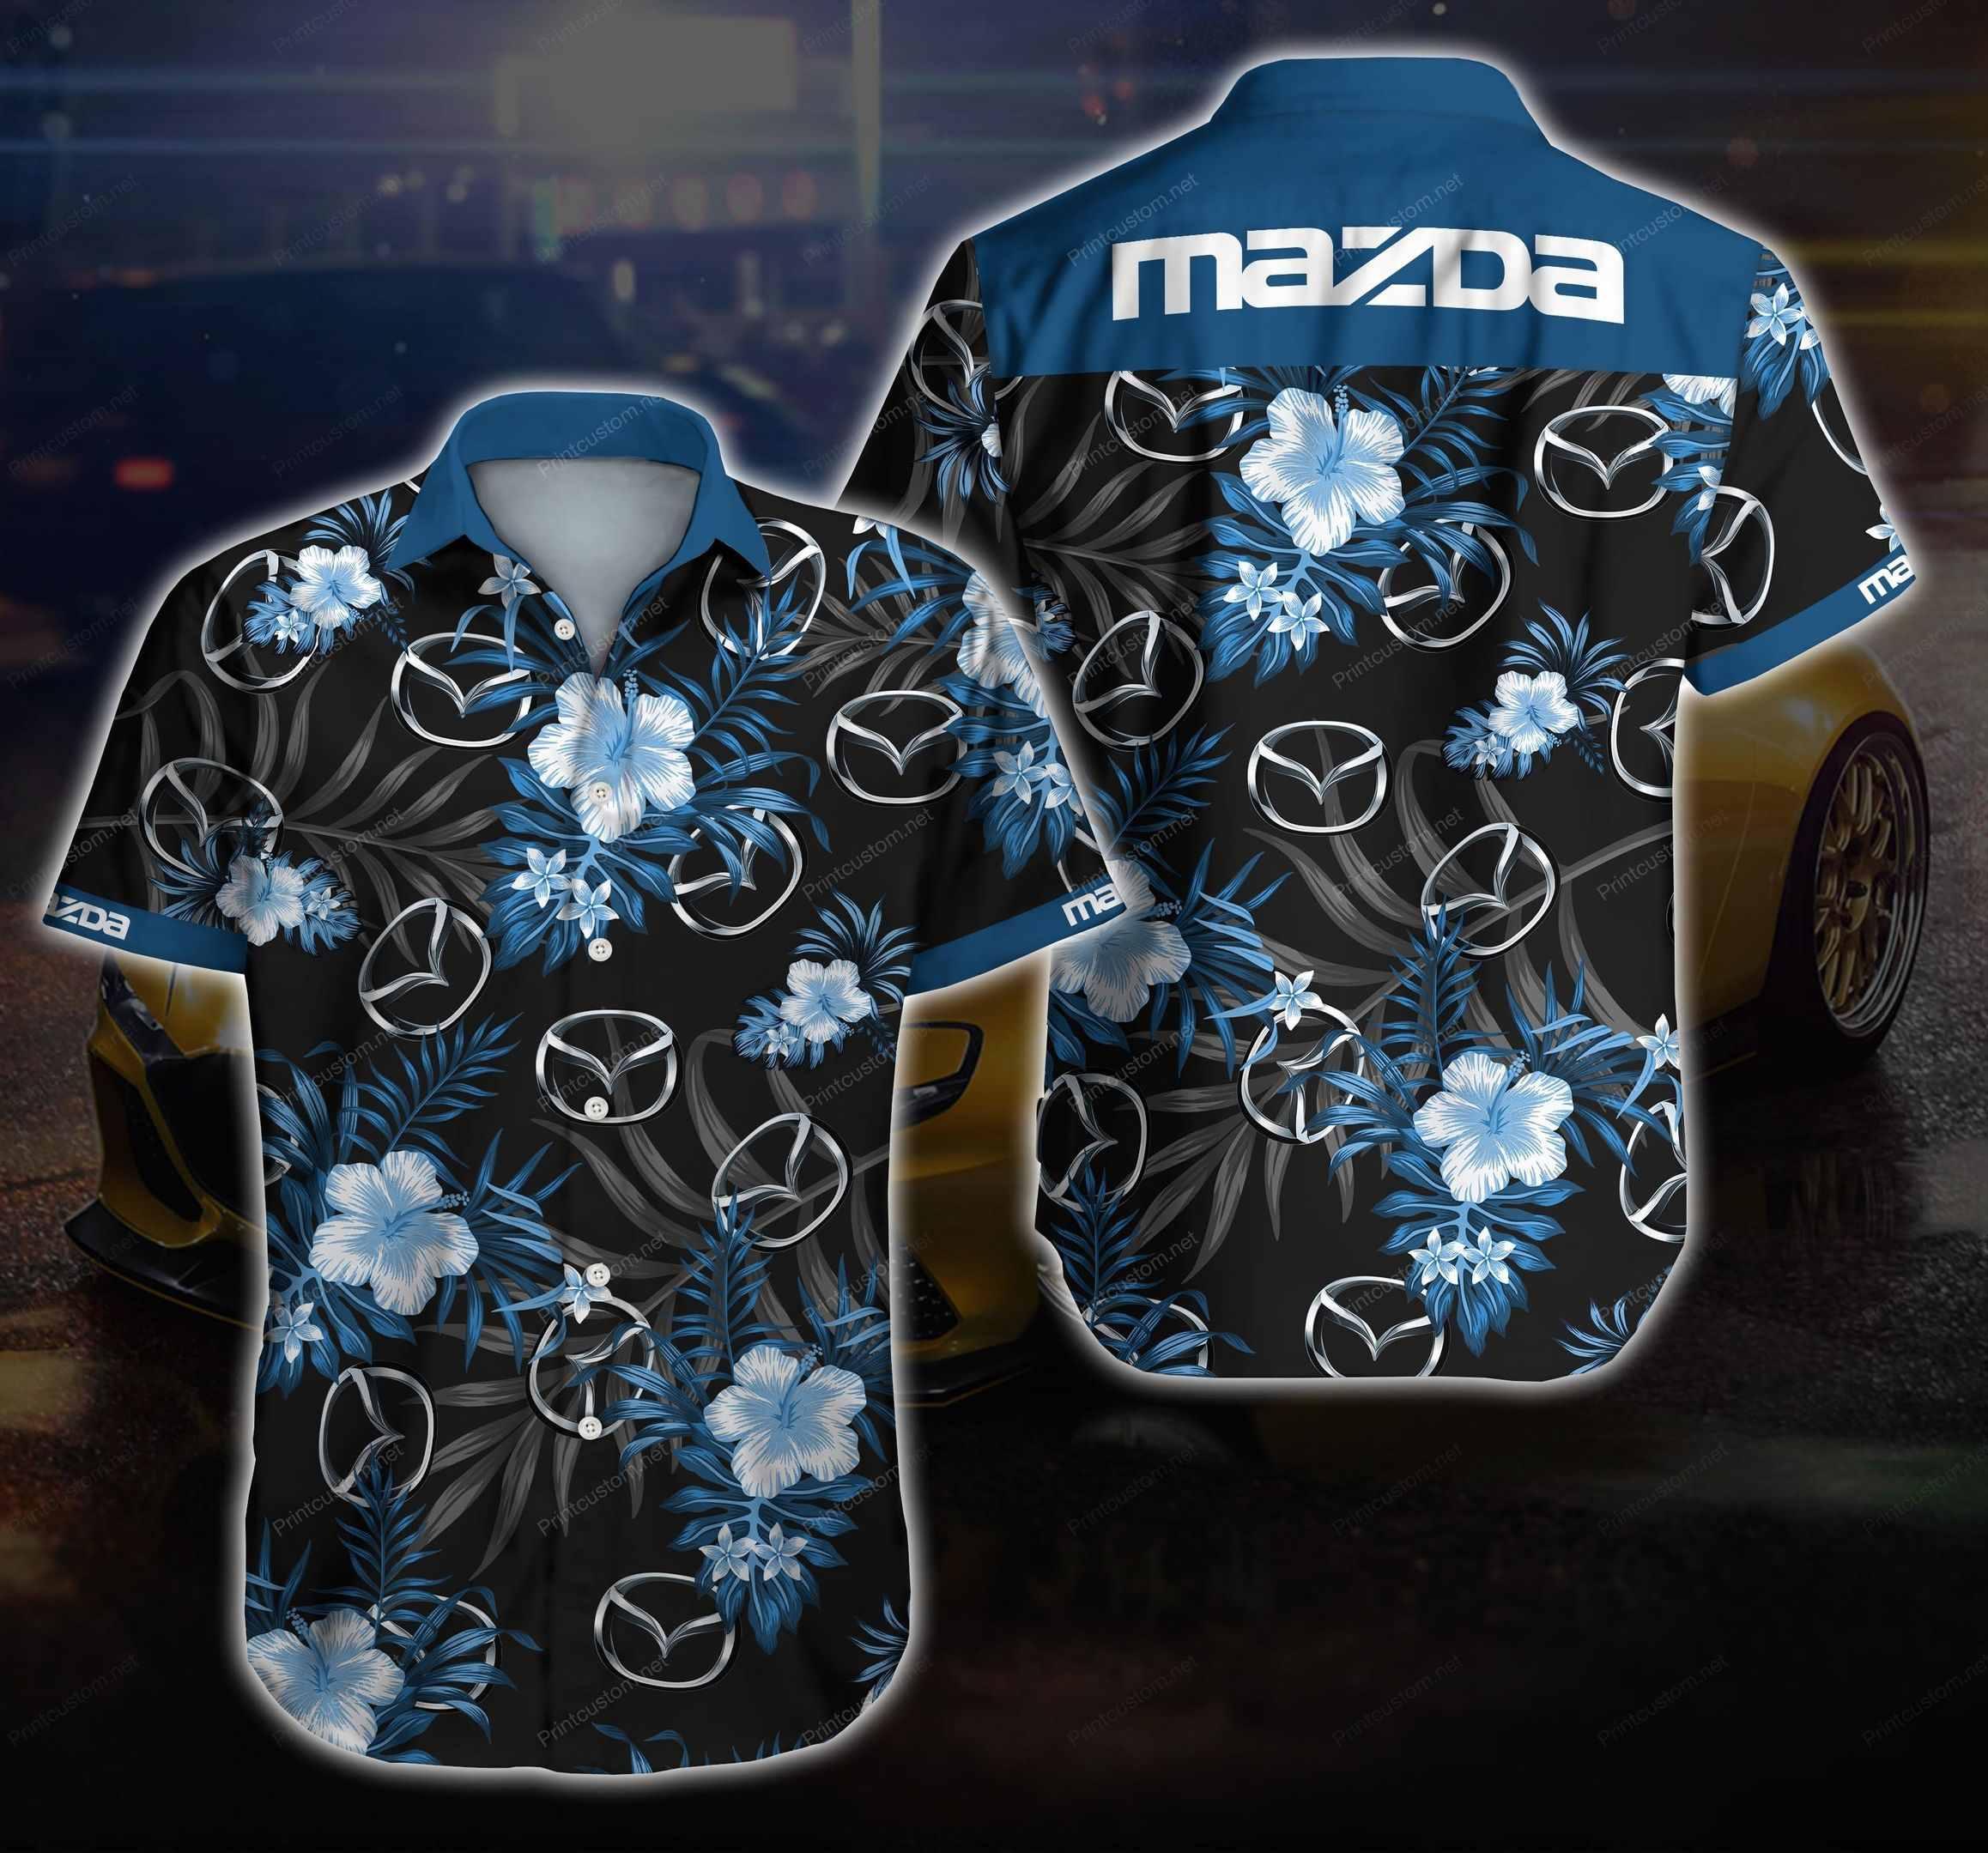 Mazda Hawaiian Shirt Summer Shirt